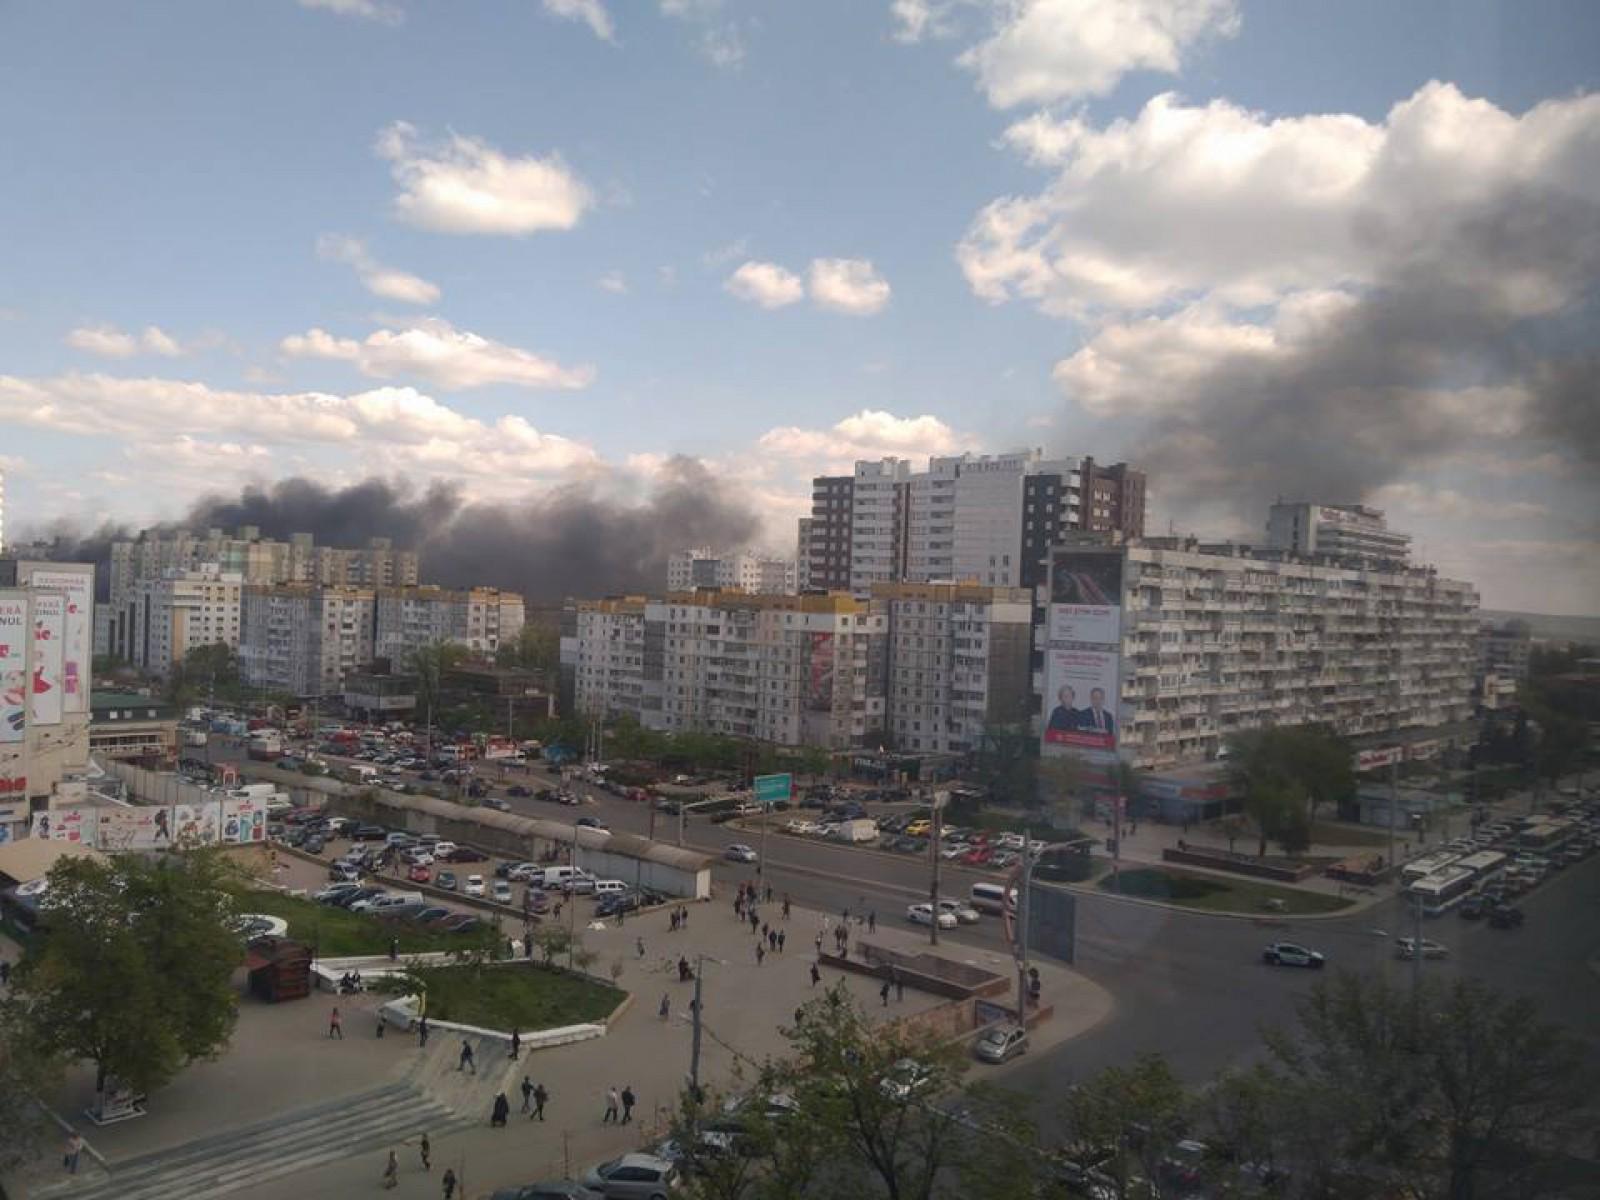 (foto/video/update) Ultima oră: Un alt incendiu de proporții pe strada Ismail. Arde un centru comercial cu cel puțin nouă etaje